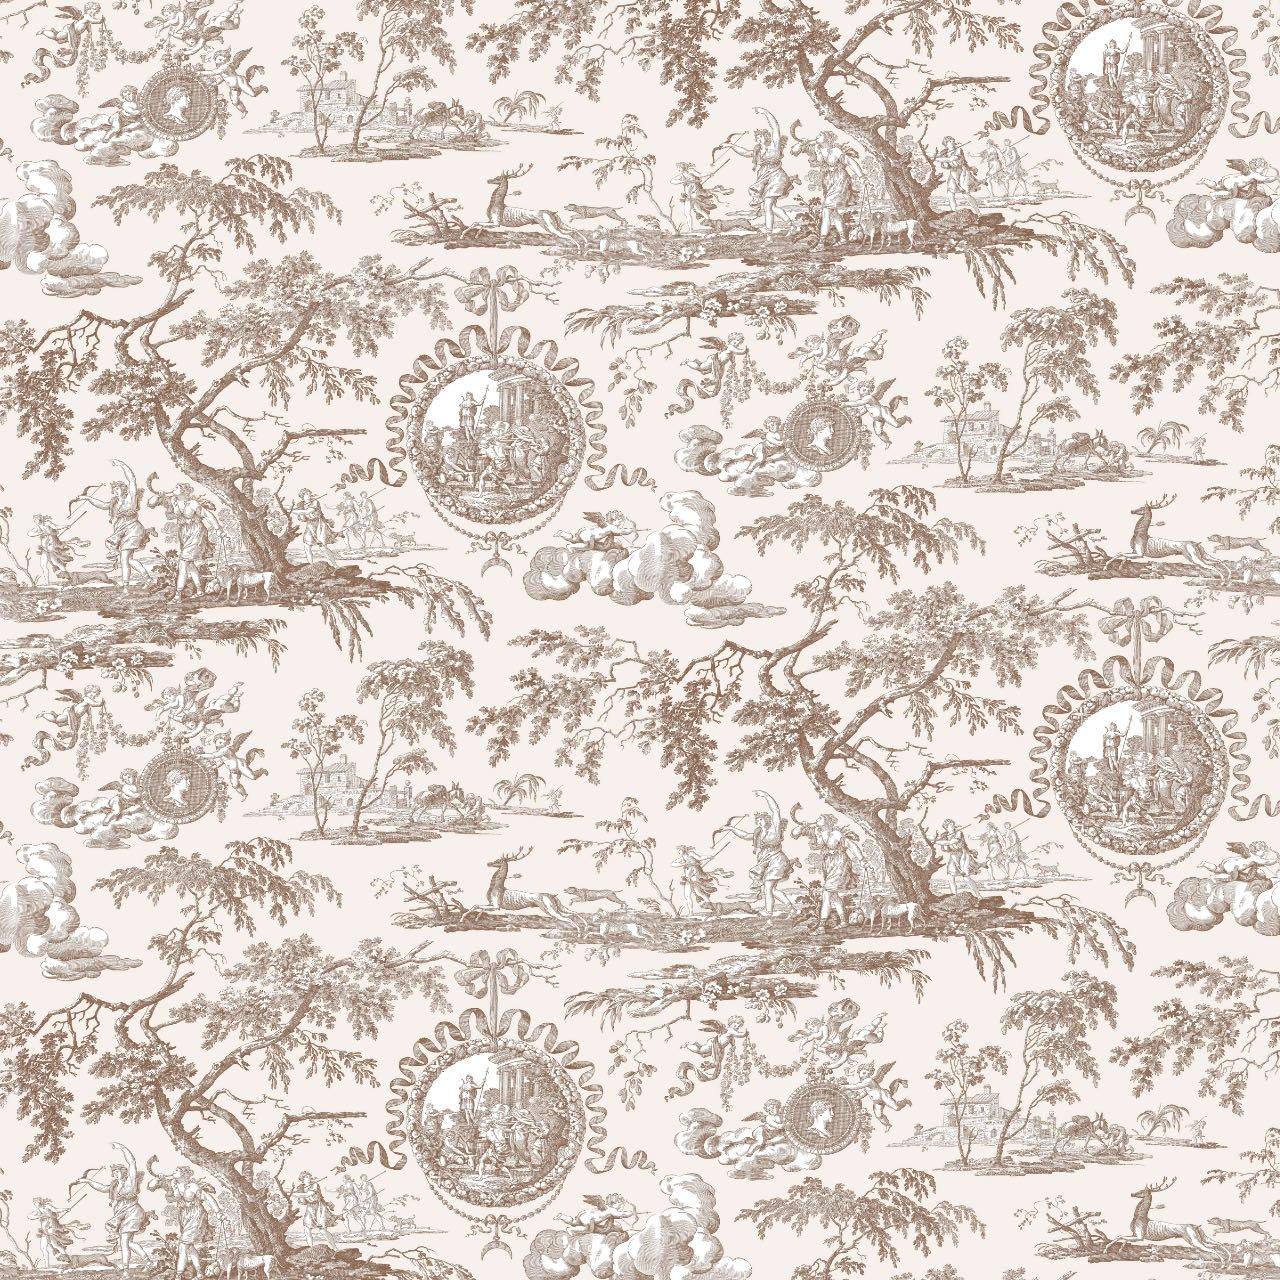 フランス壁紙 フリース(不織布) トワル・ド・ジュイ デザイン 《ディアーナの狩猟》  ブラウン